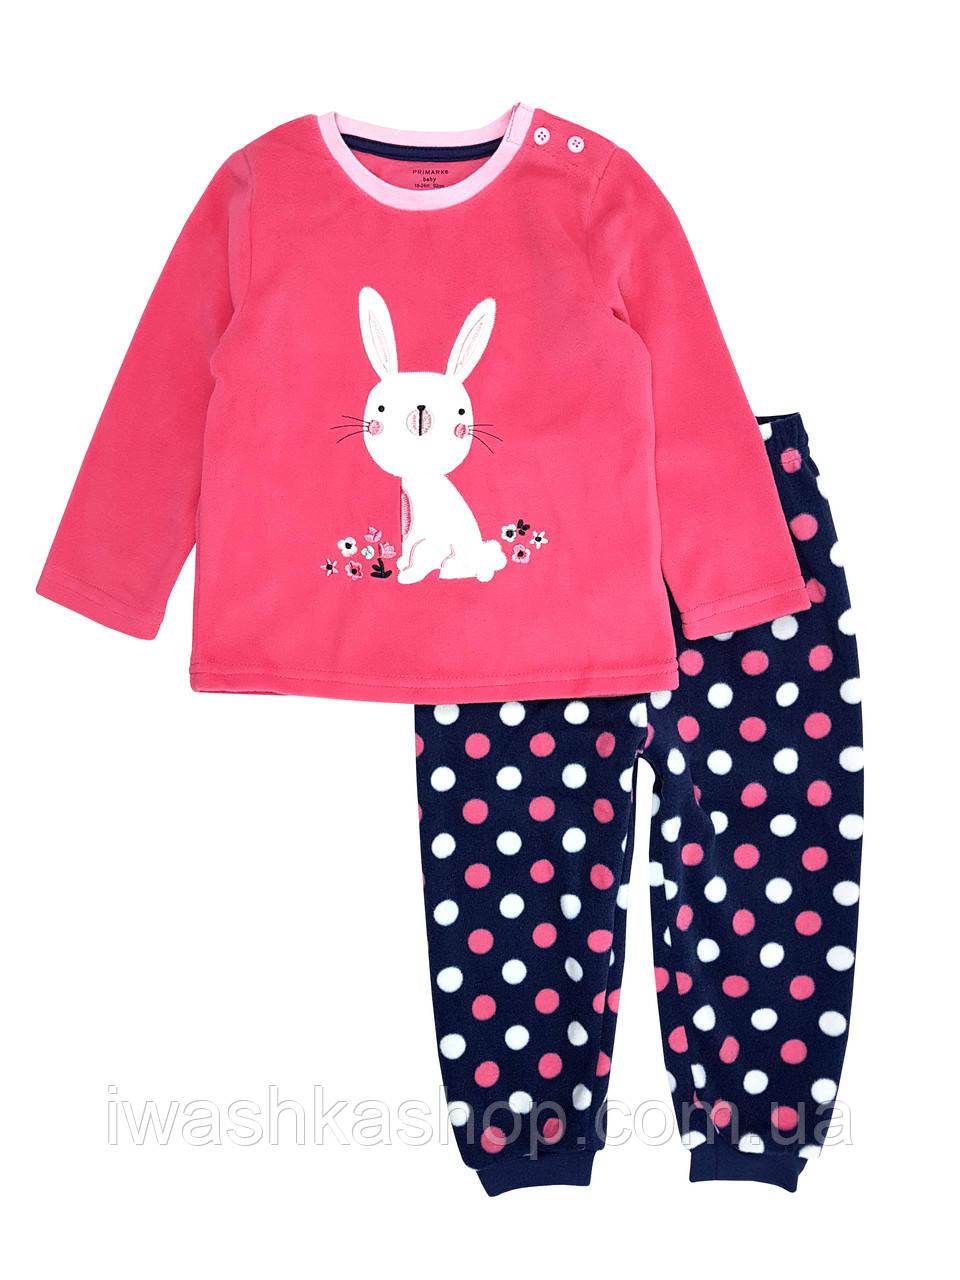 Теплая флисовая пижама с зайчиком для девочки 1,5 - 2 года, р. 92, Primark